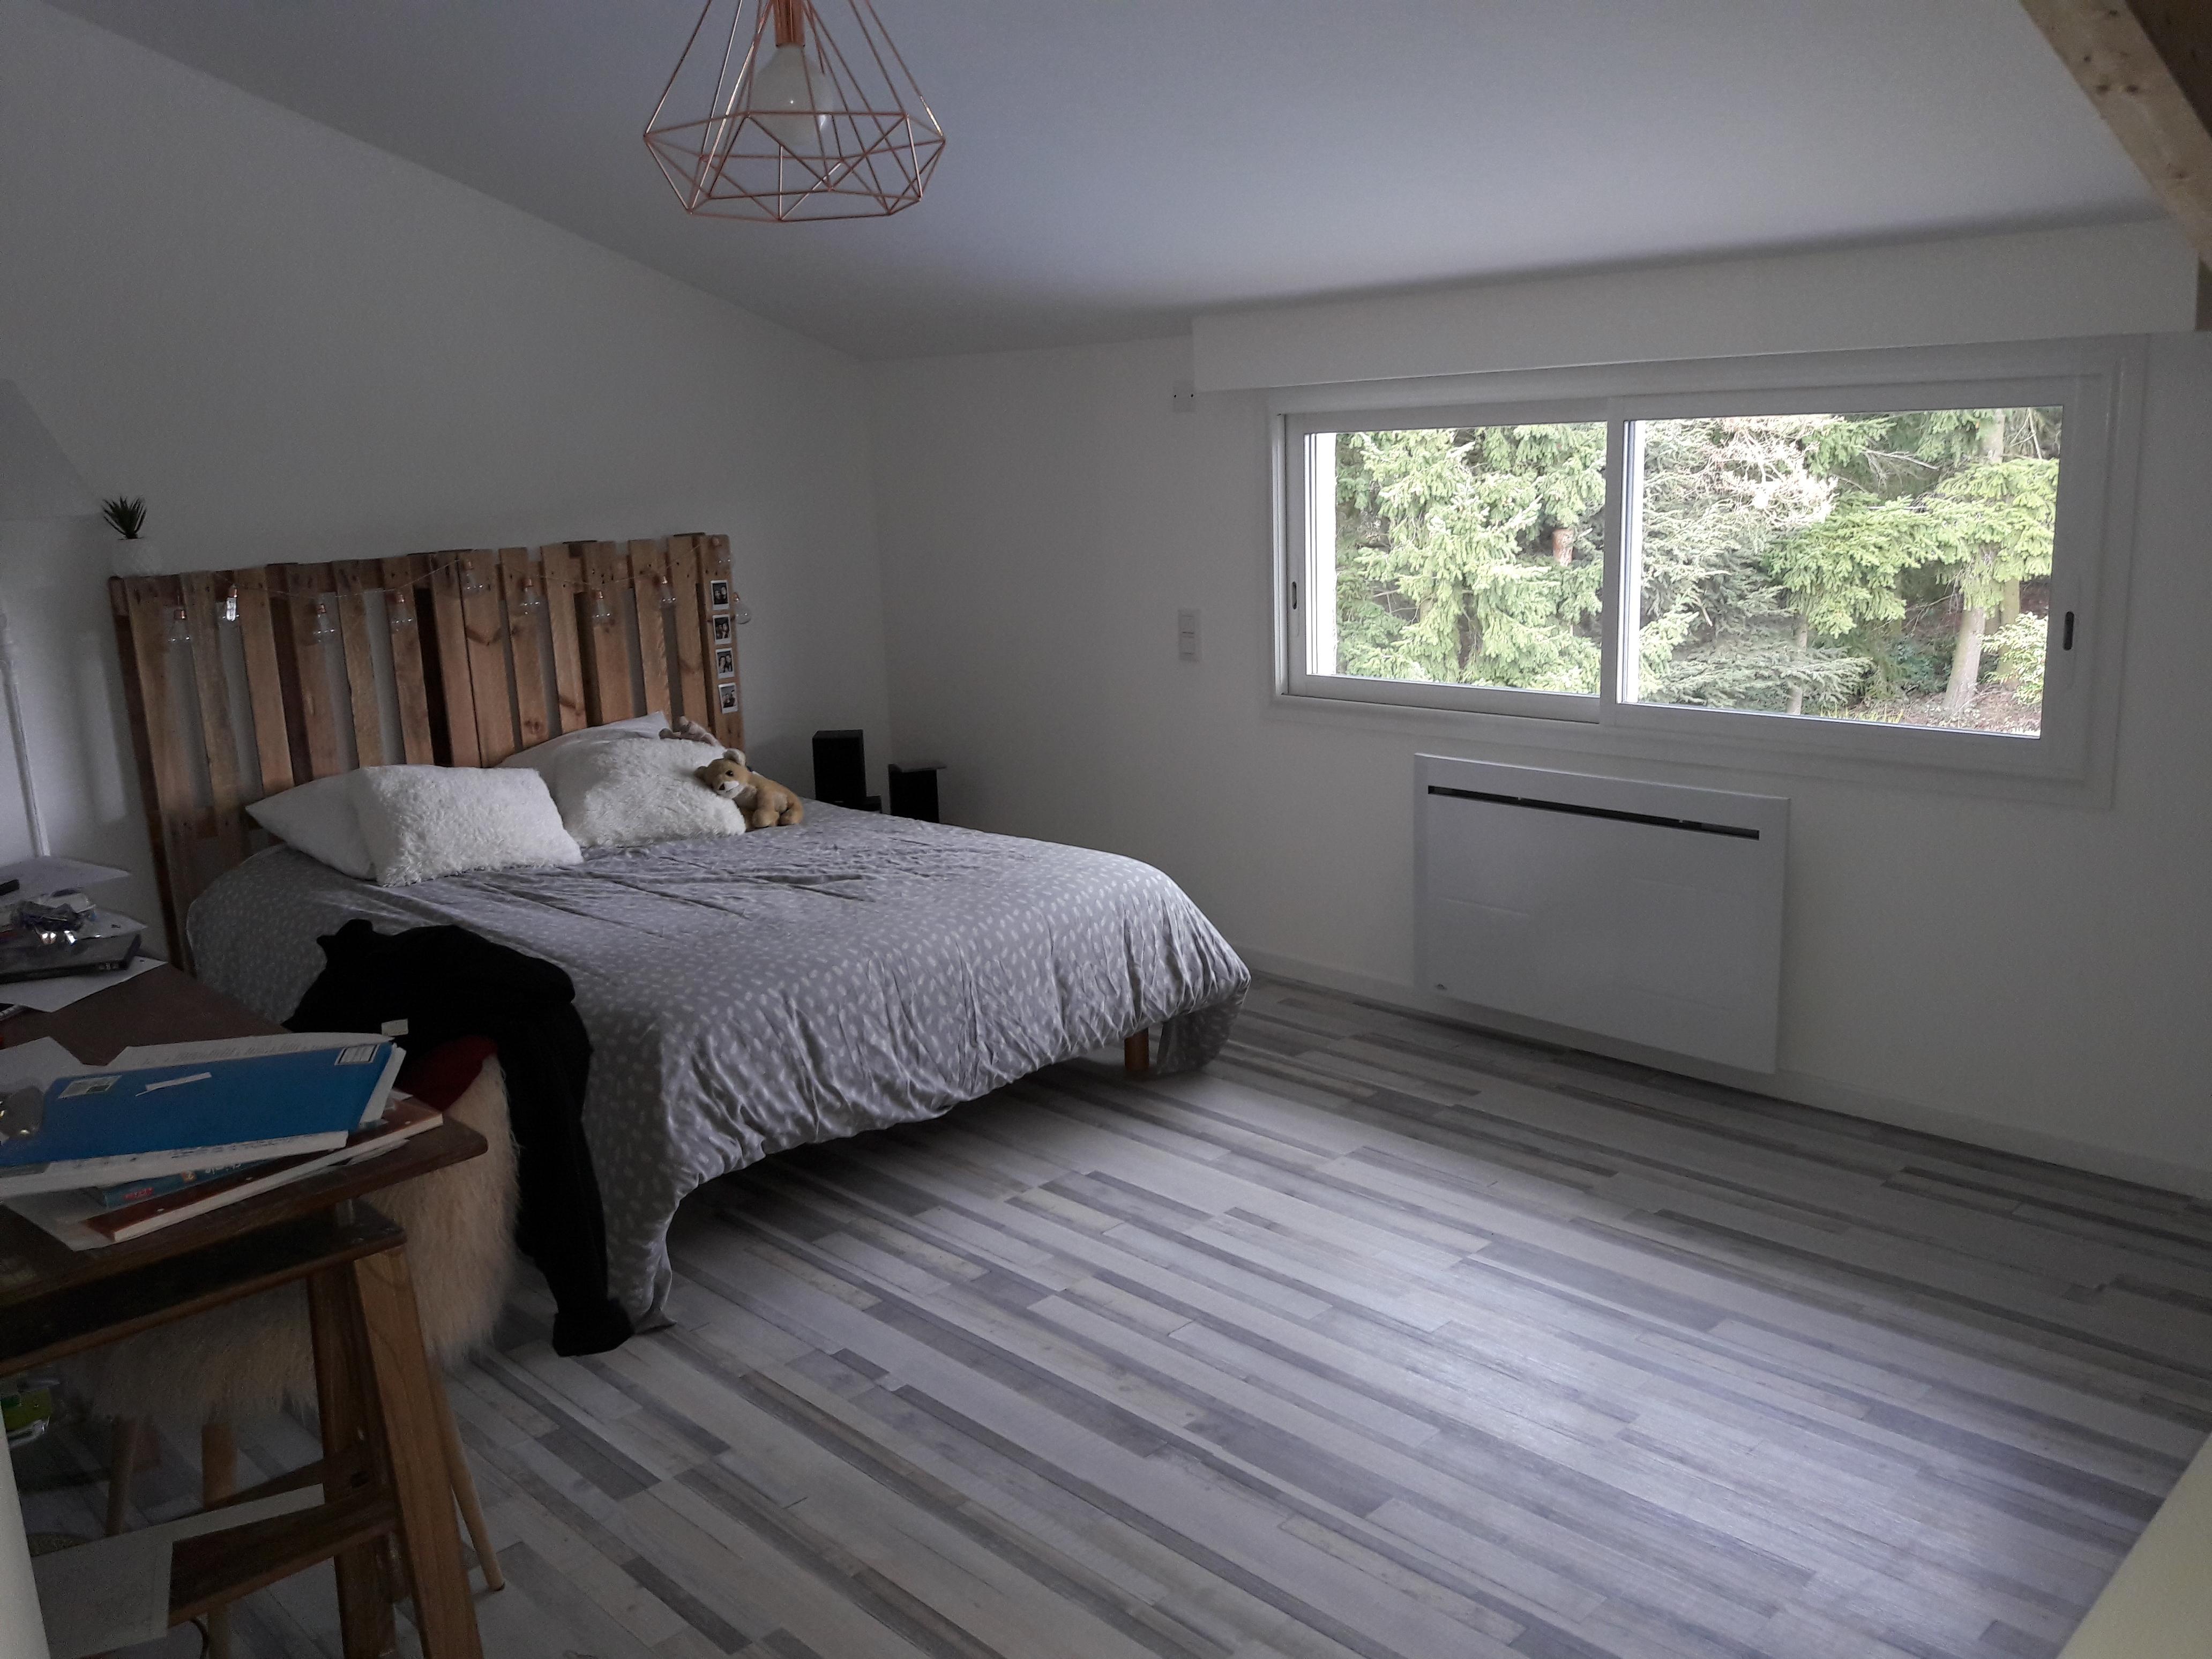 toutes nos solutions d agrandissement de maison pour gagner de l 39 espace. Black Bedroom Furniture Sets. Home Design Ideas